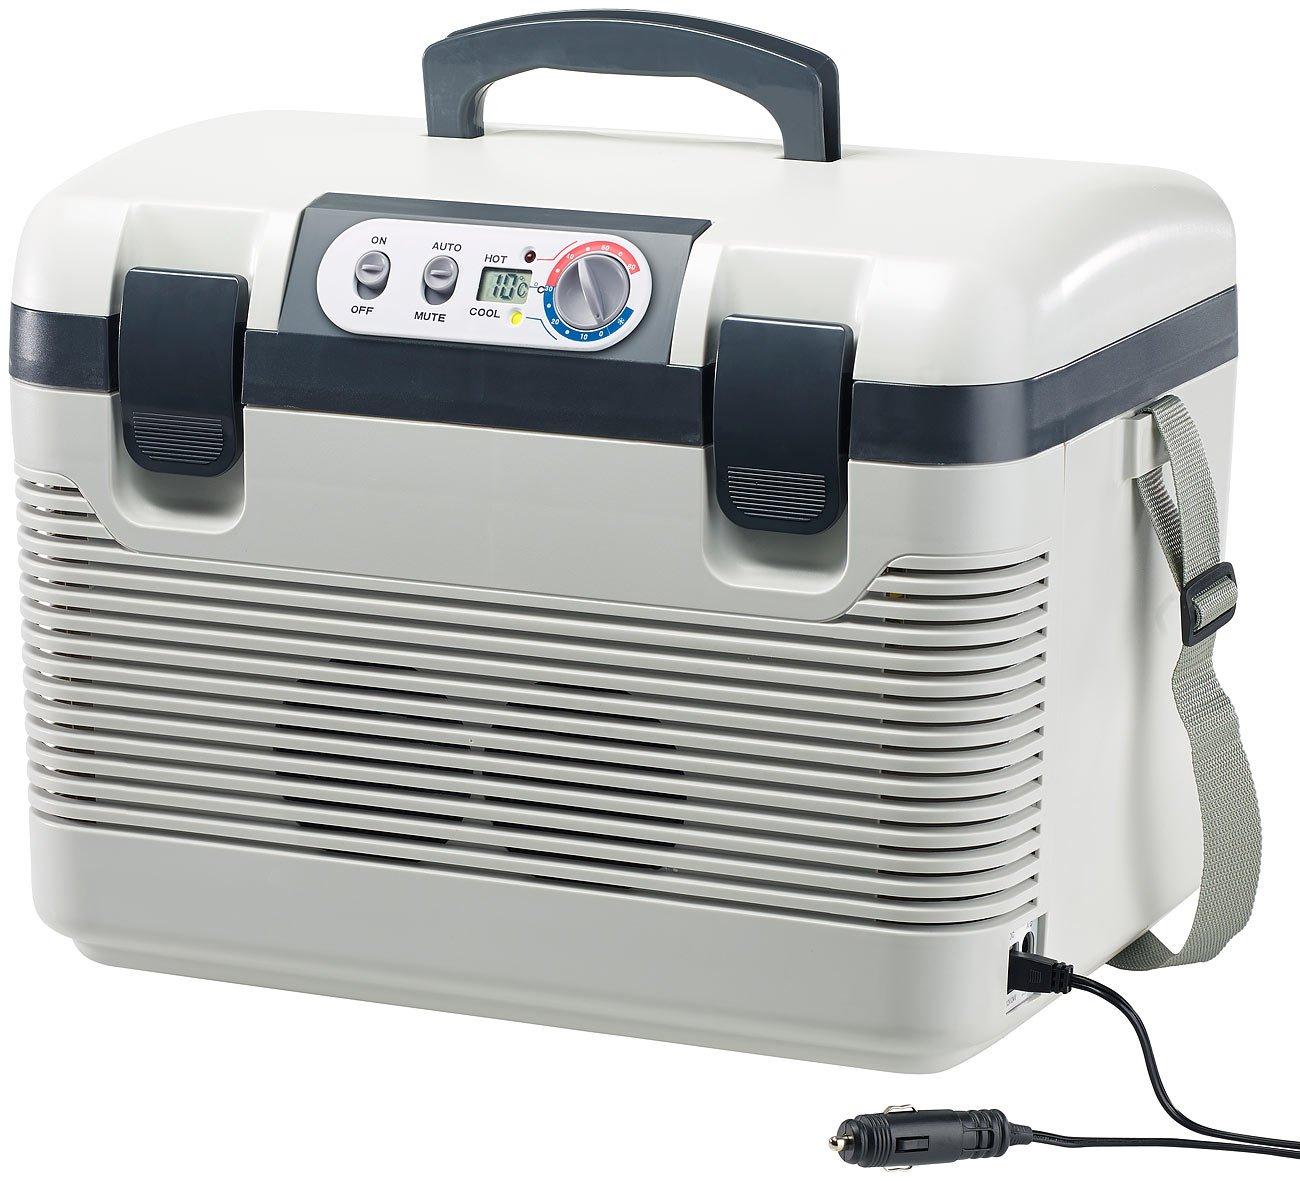 Xcase Auto Kühlbox: Thermoelektrische Kühl-/Wärmebox, LED-Anzeige, 12/24 & 230 V, 19 Liter (Elektrische Auto Kühlboxen)